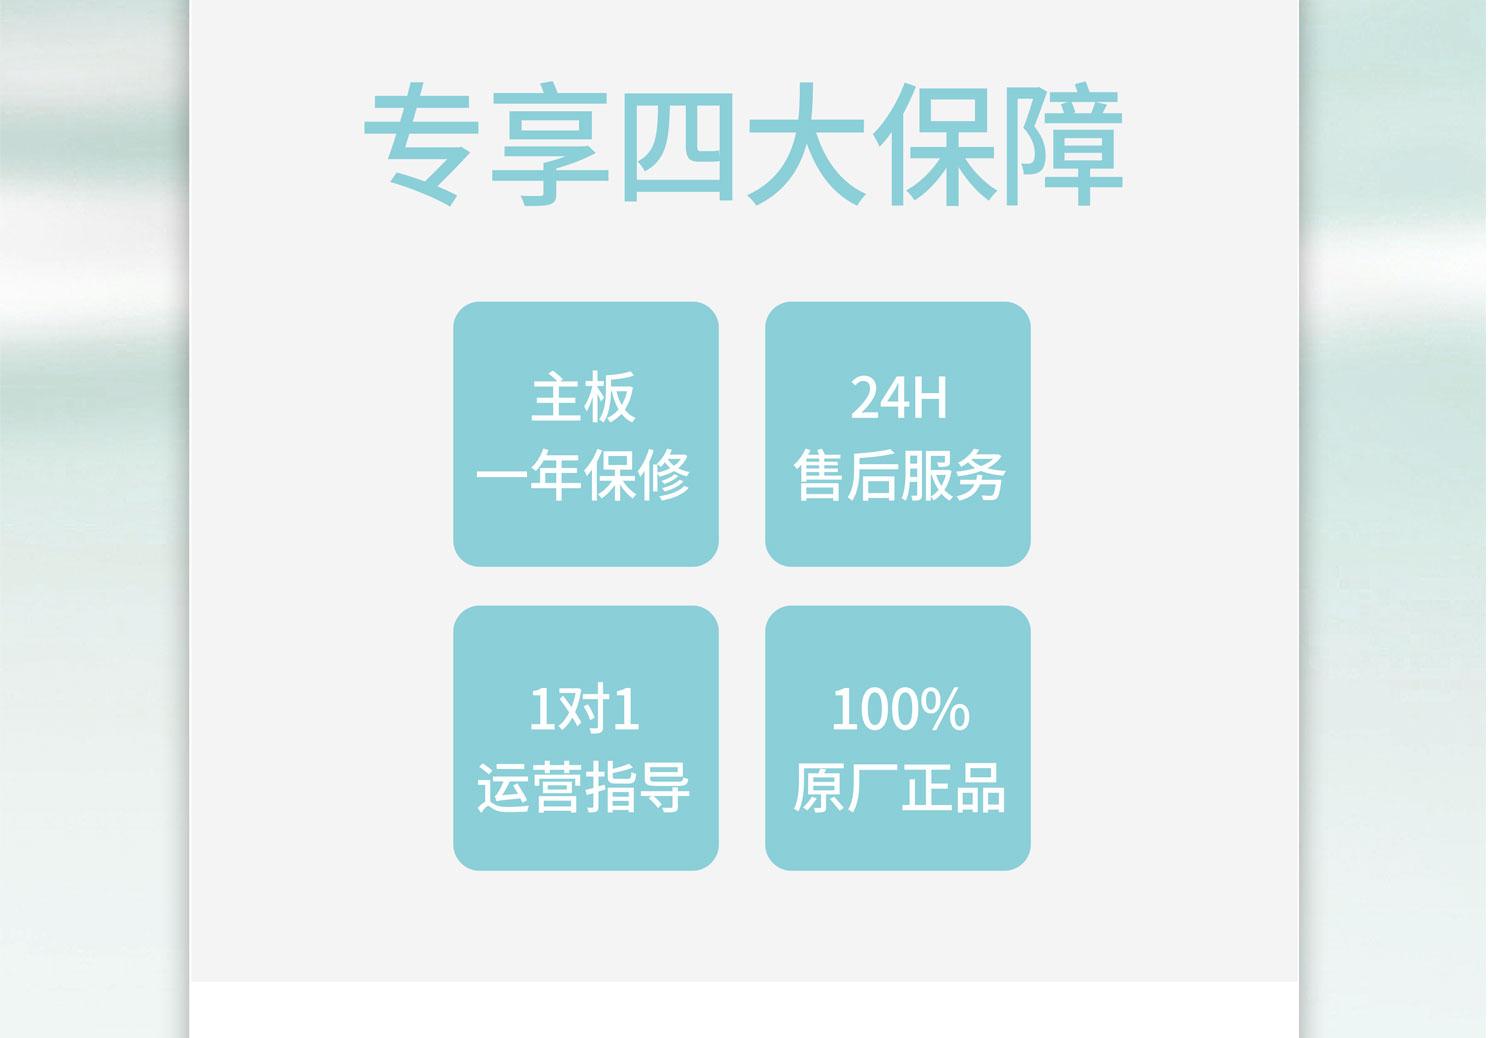 网站娃娃机租赁详情终板_06.jpg